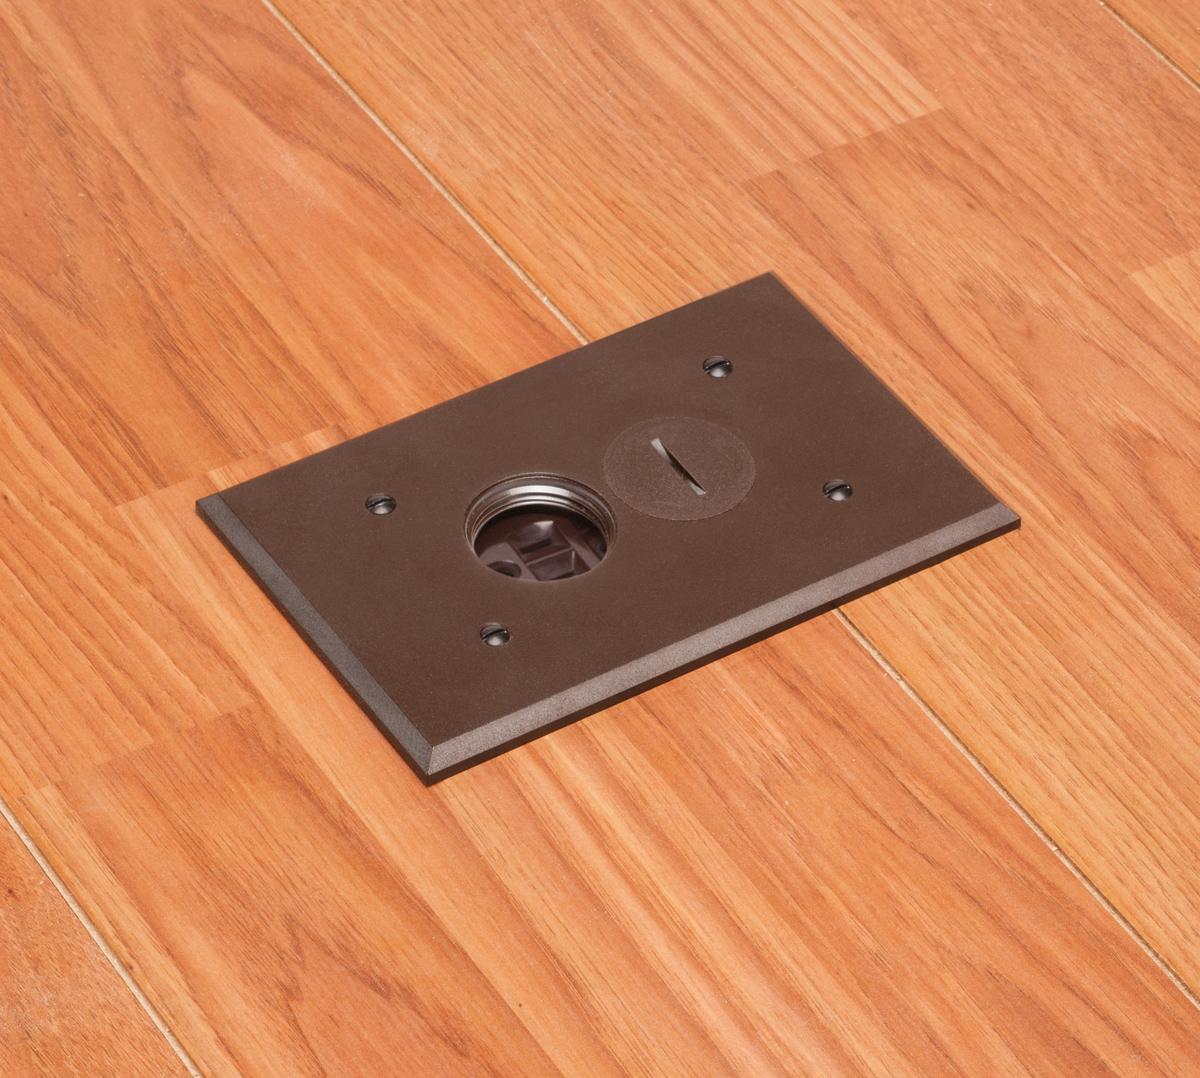 arlington flbr101br product information. Black Bedroom Furniture Sets. Home Design Ideas